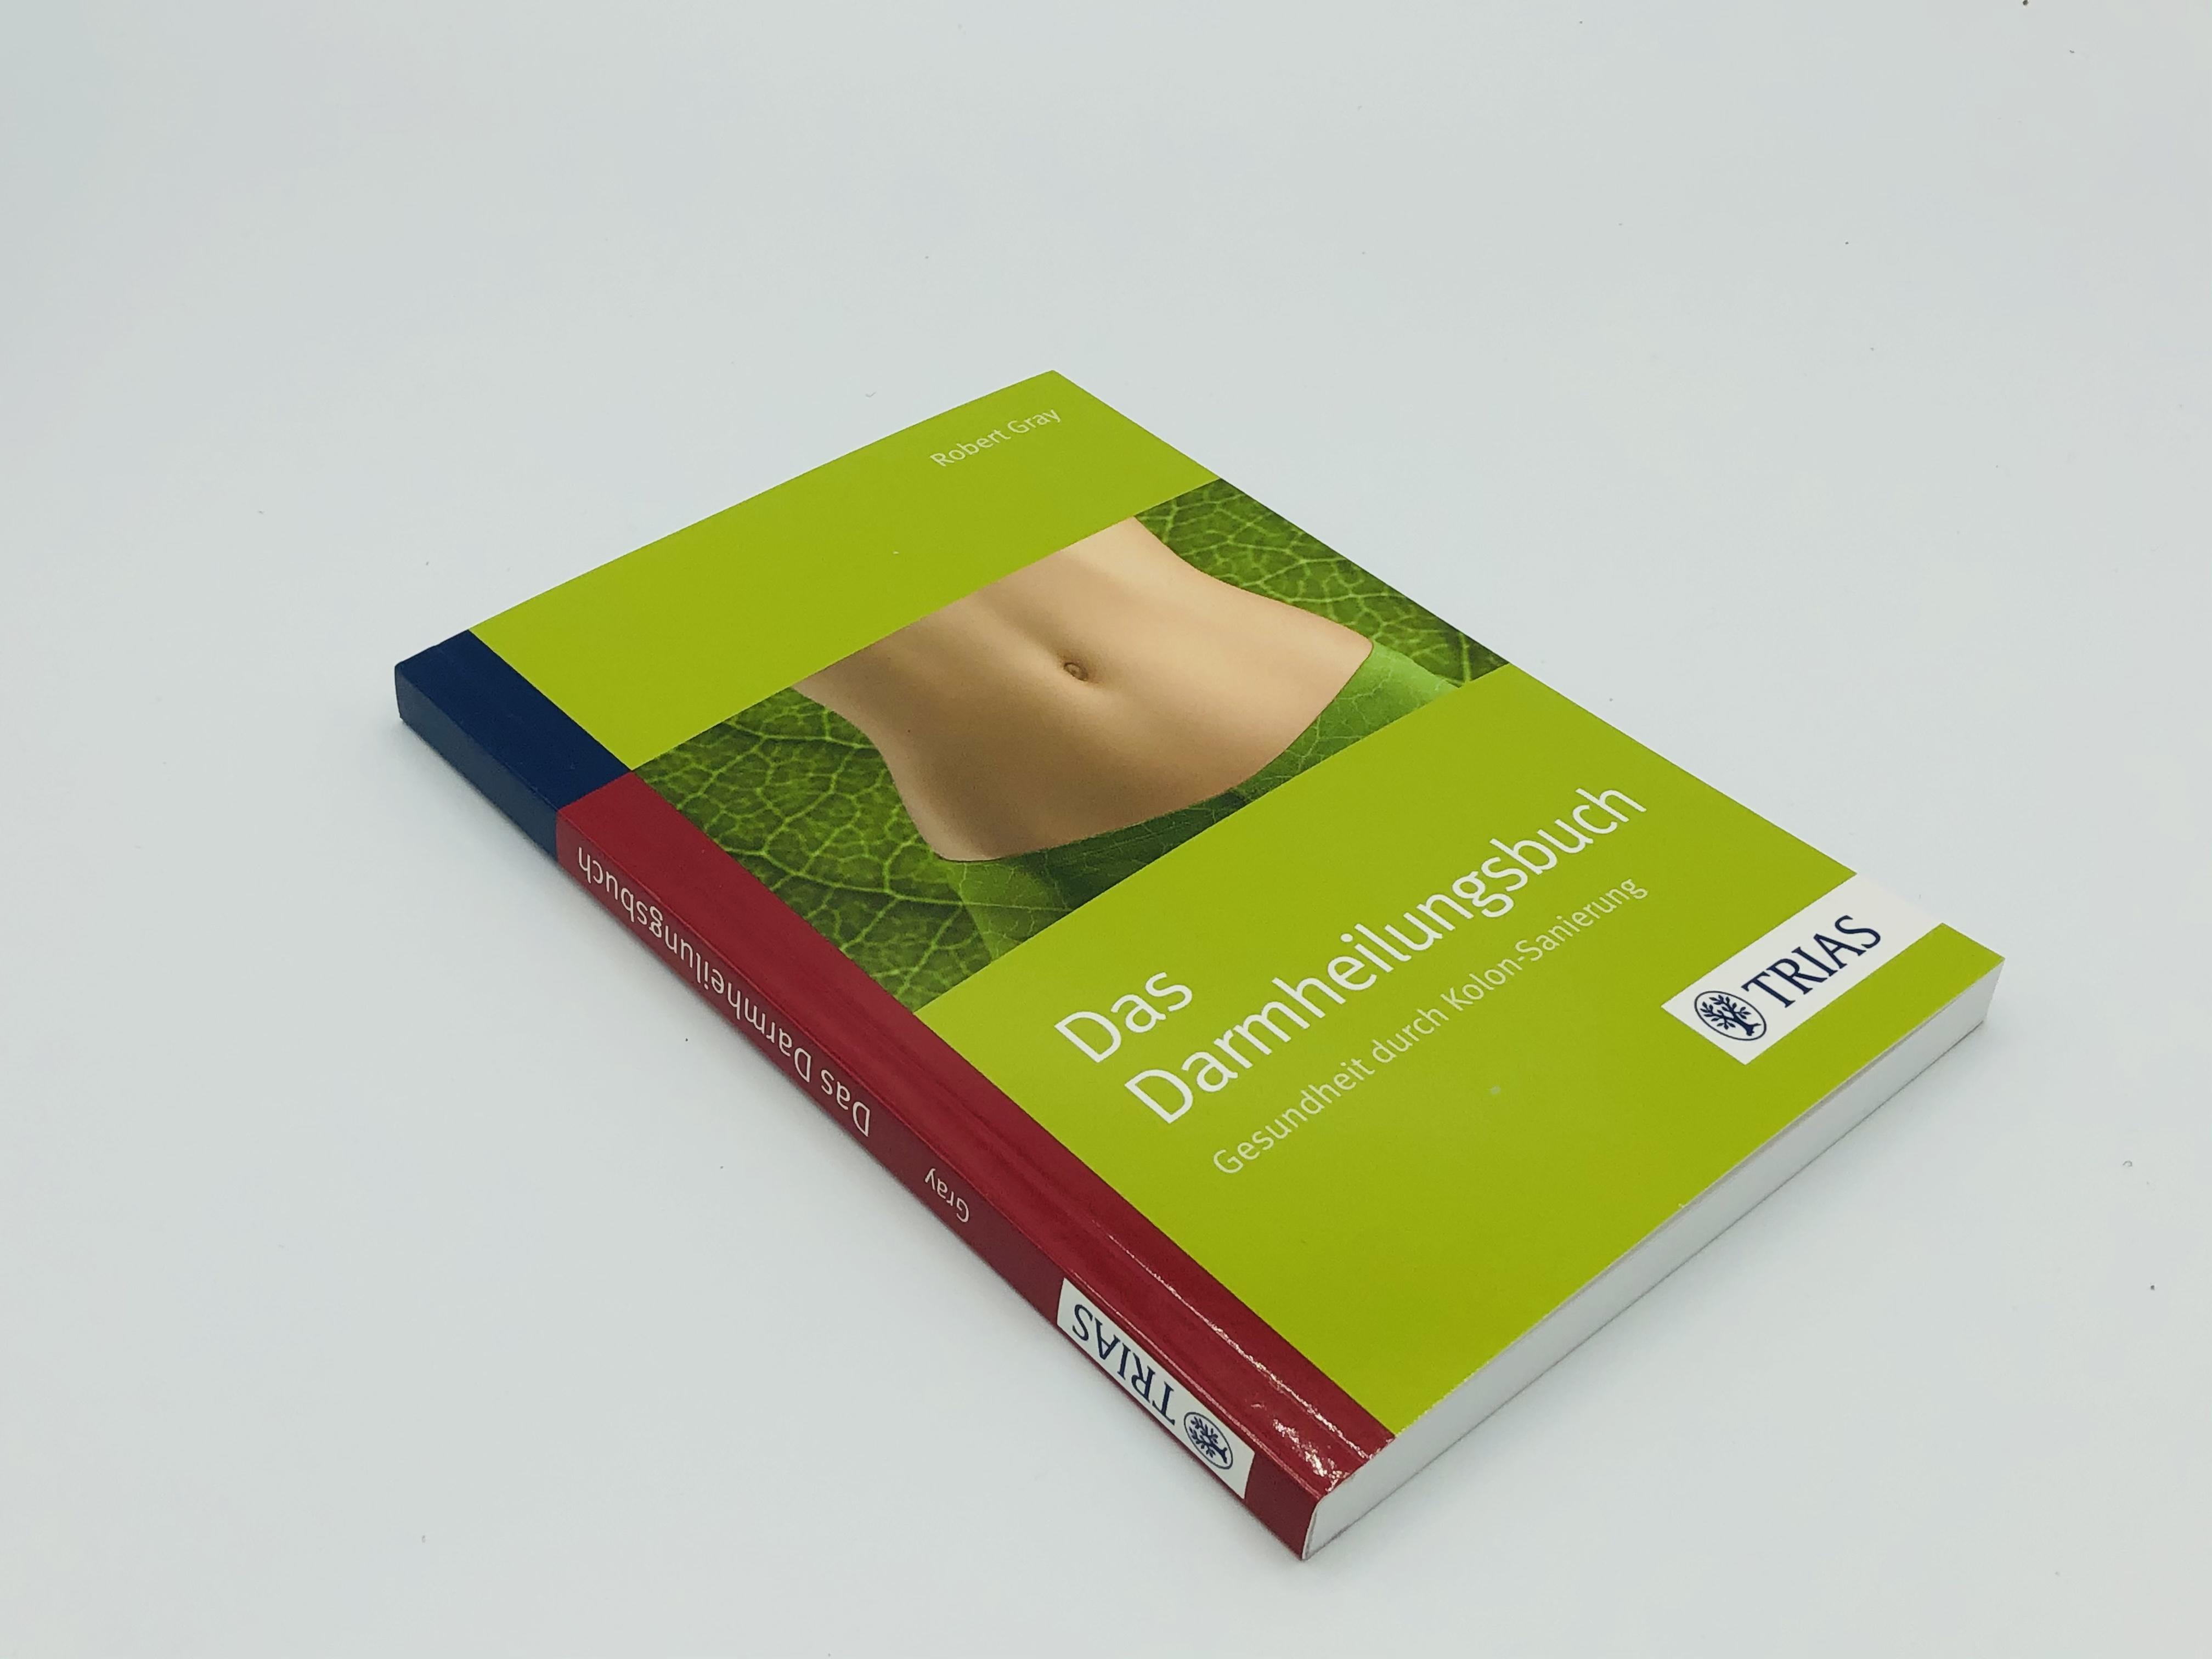 Das Darmheilungsbuch: Gesundheit durch Kolon-Sanierung – Robert Gray